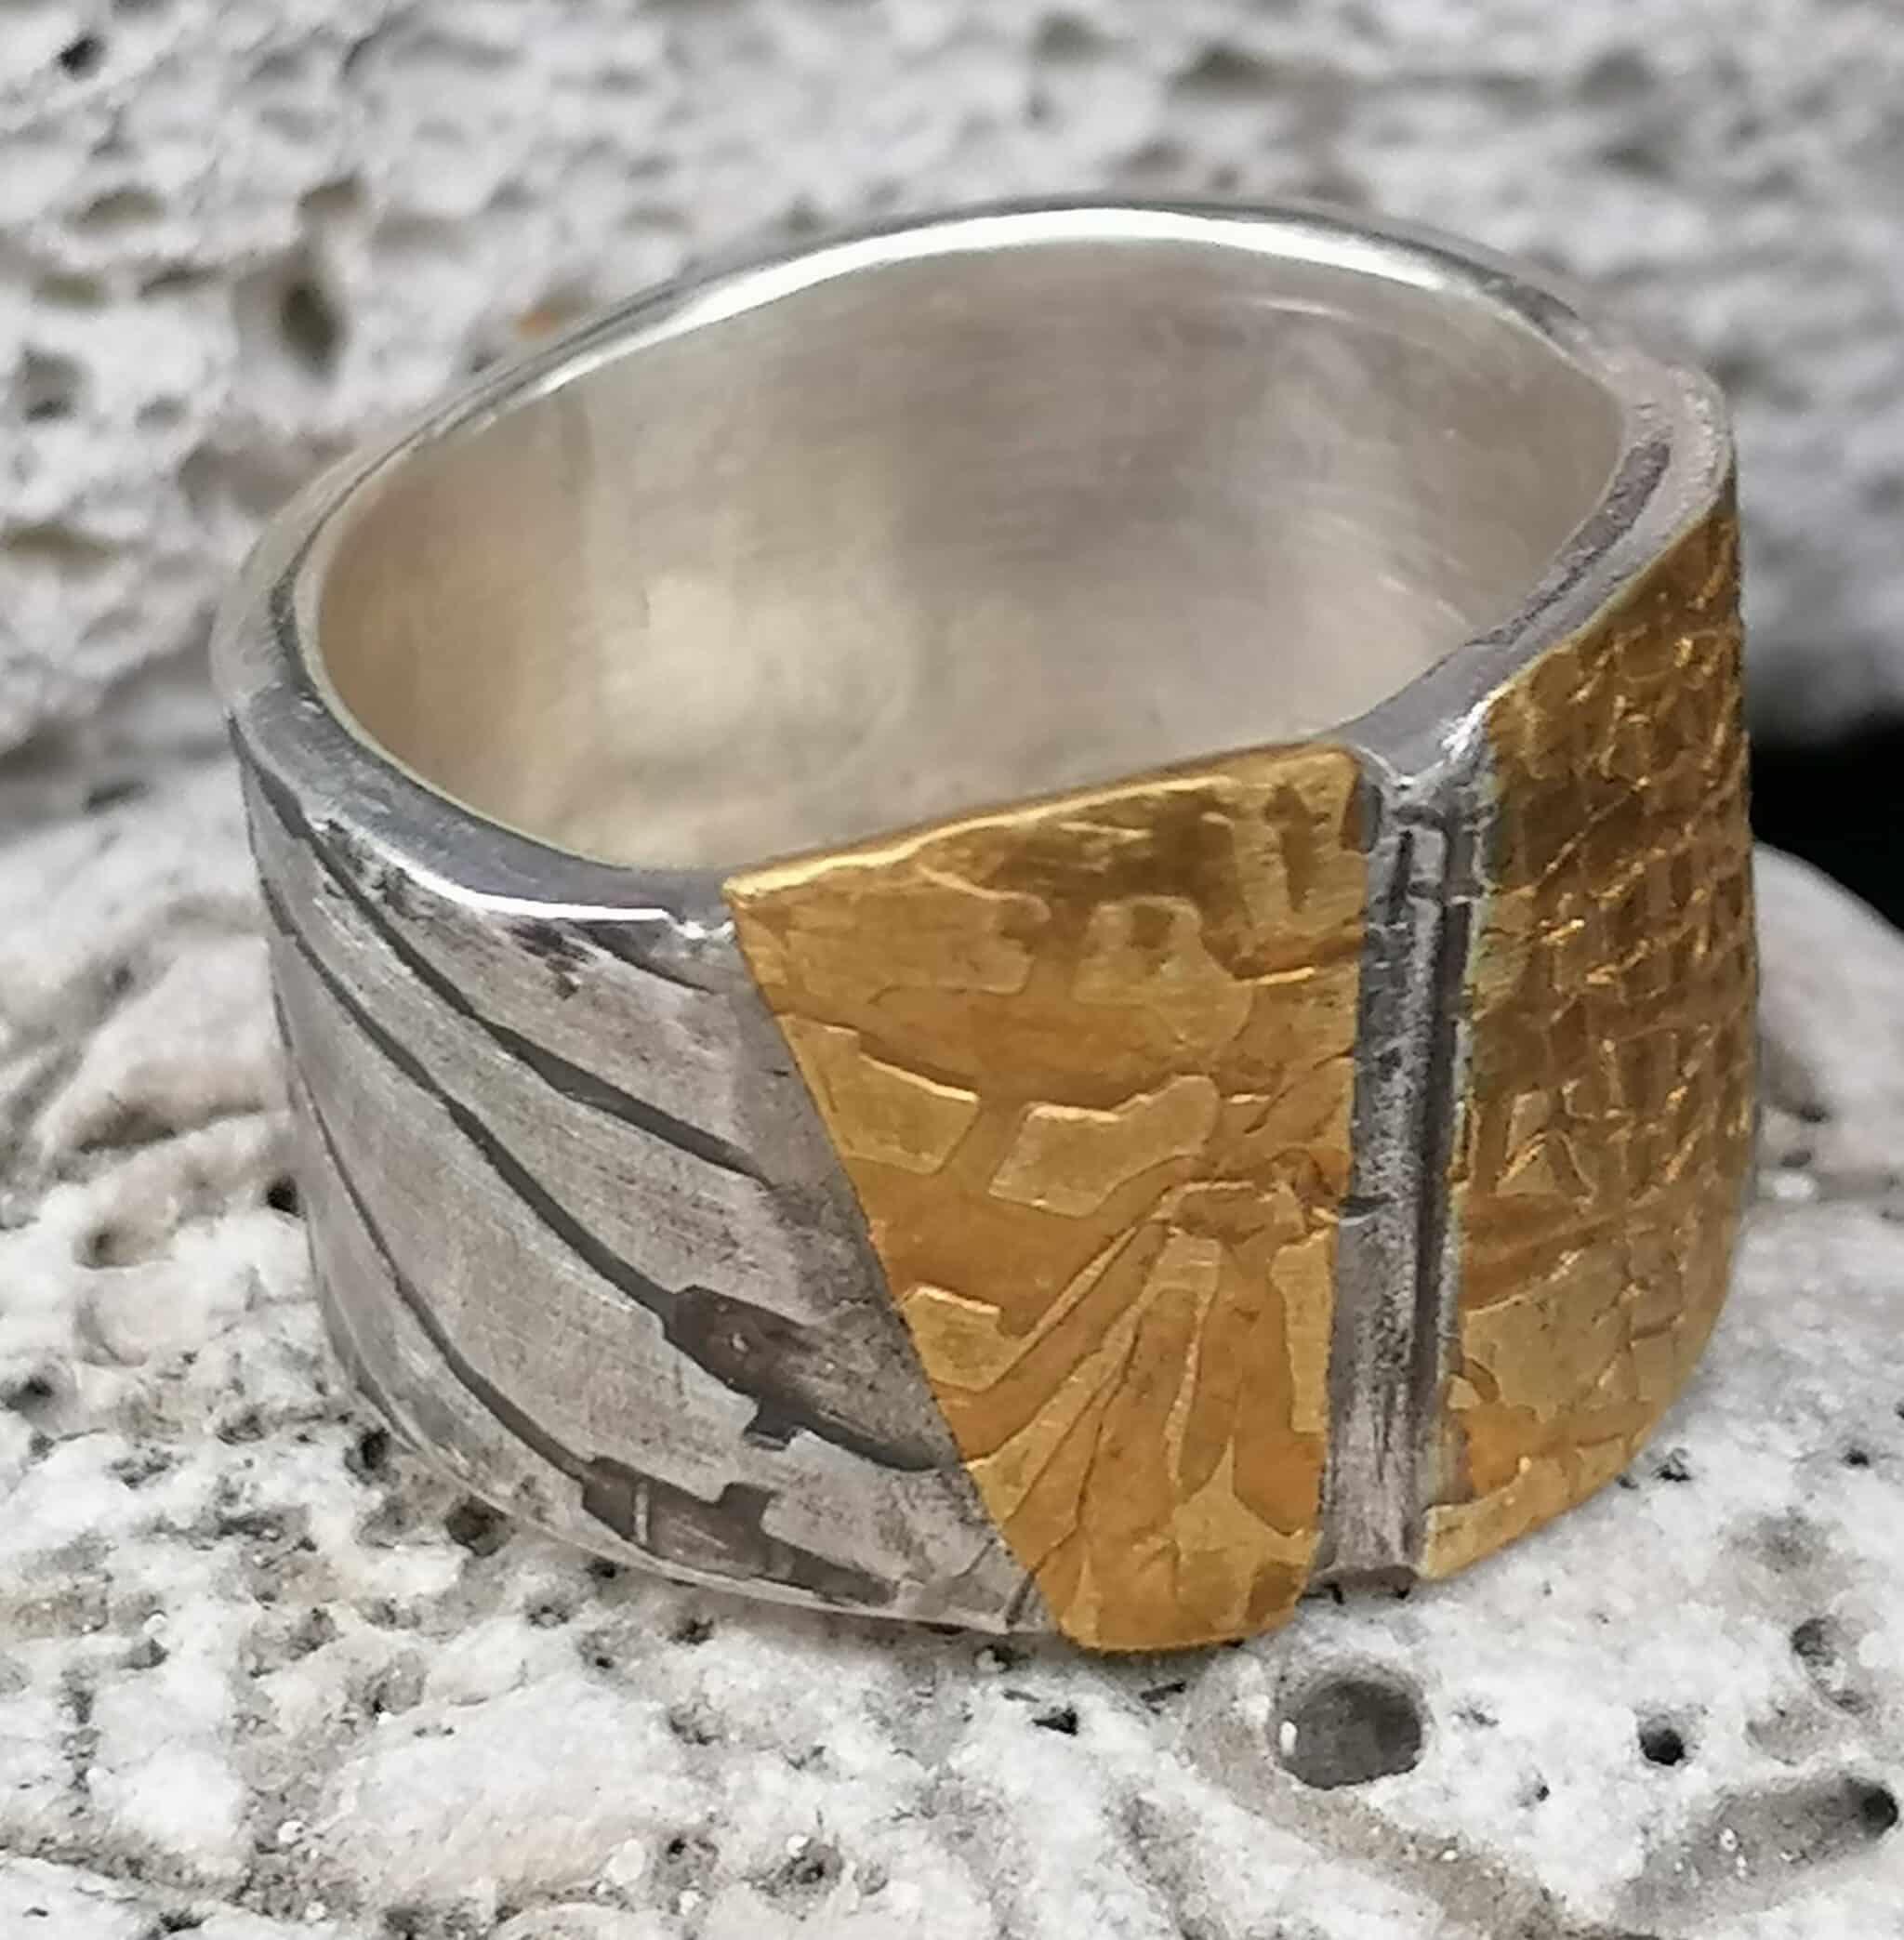 Designer Ring Silber 925 Gold 900 flächig geschmiedet Leguanhaut geschwärzt 59